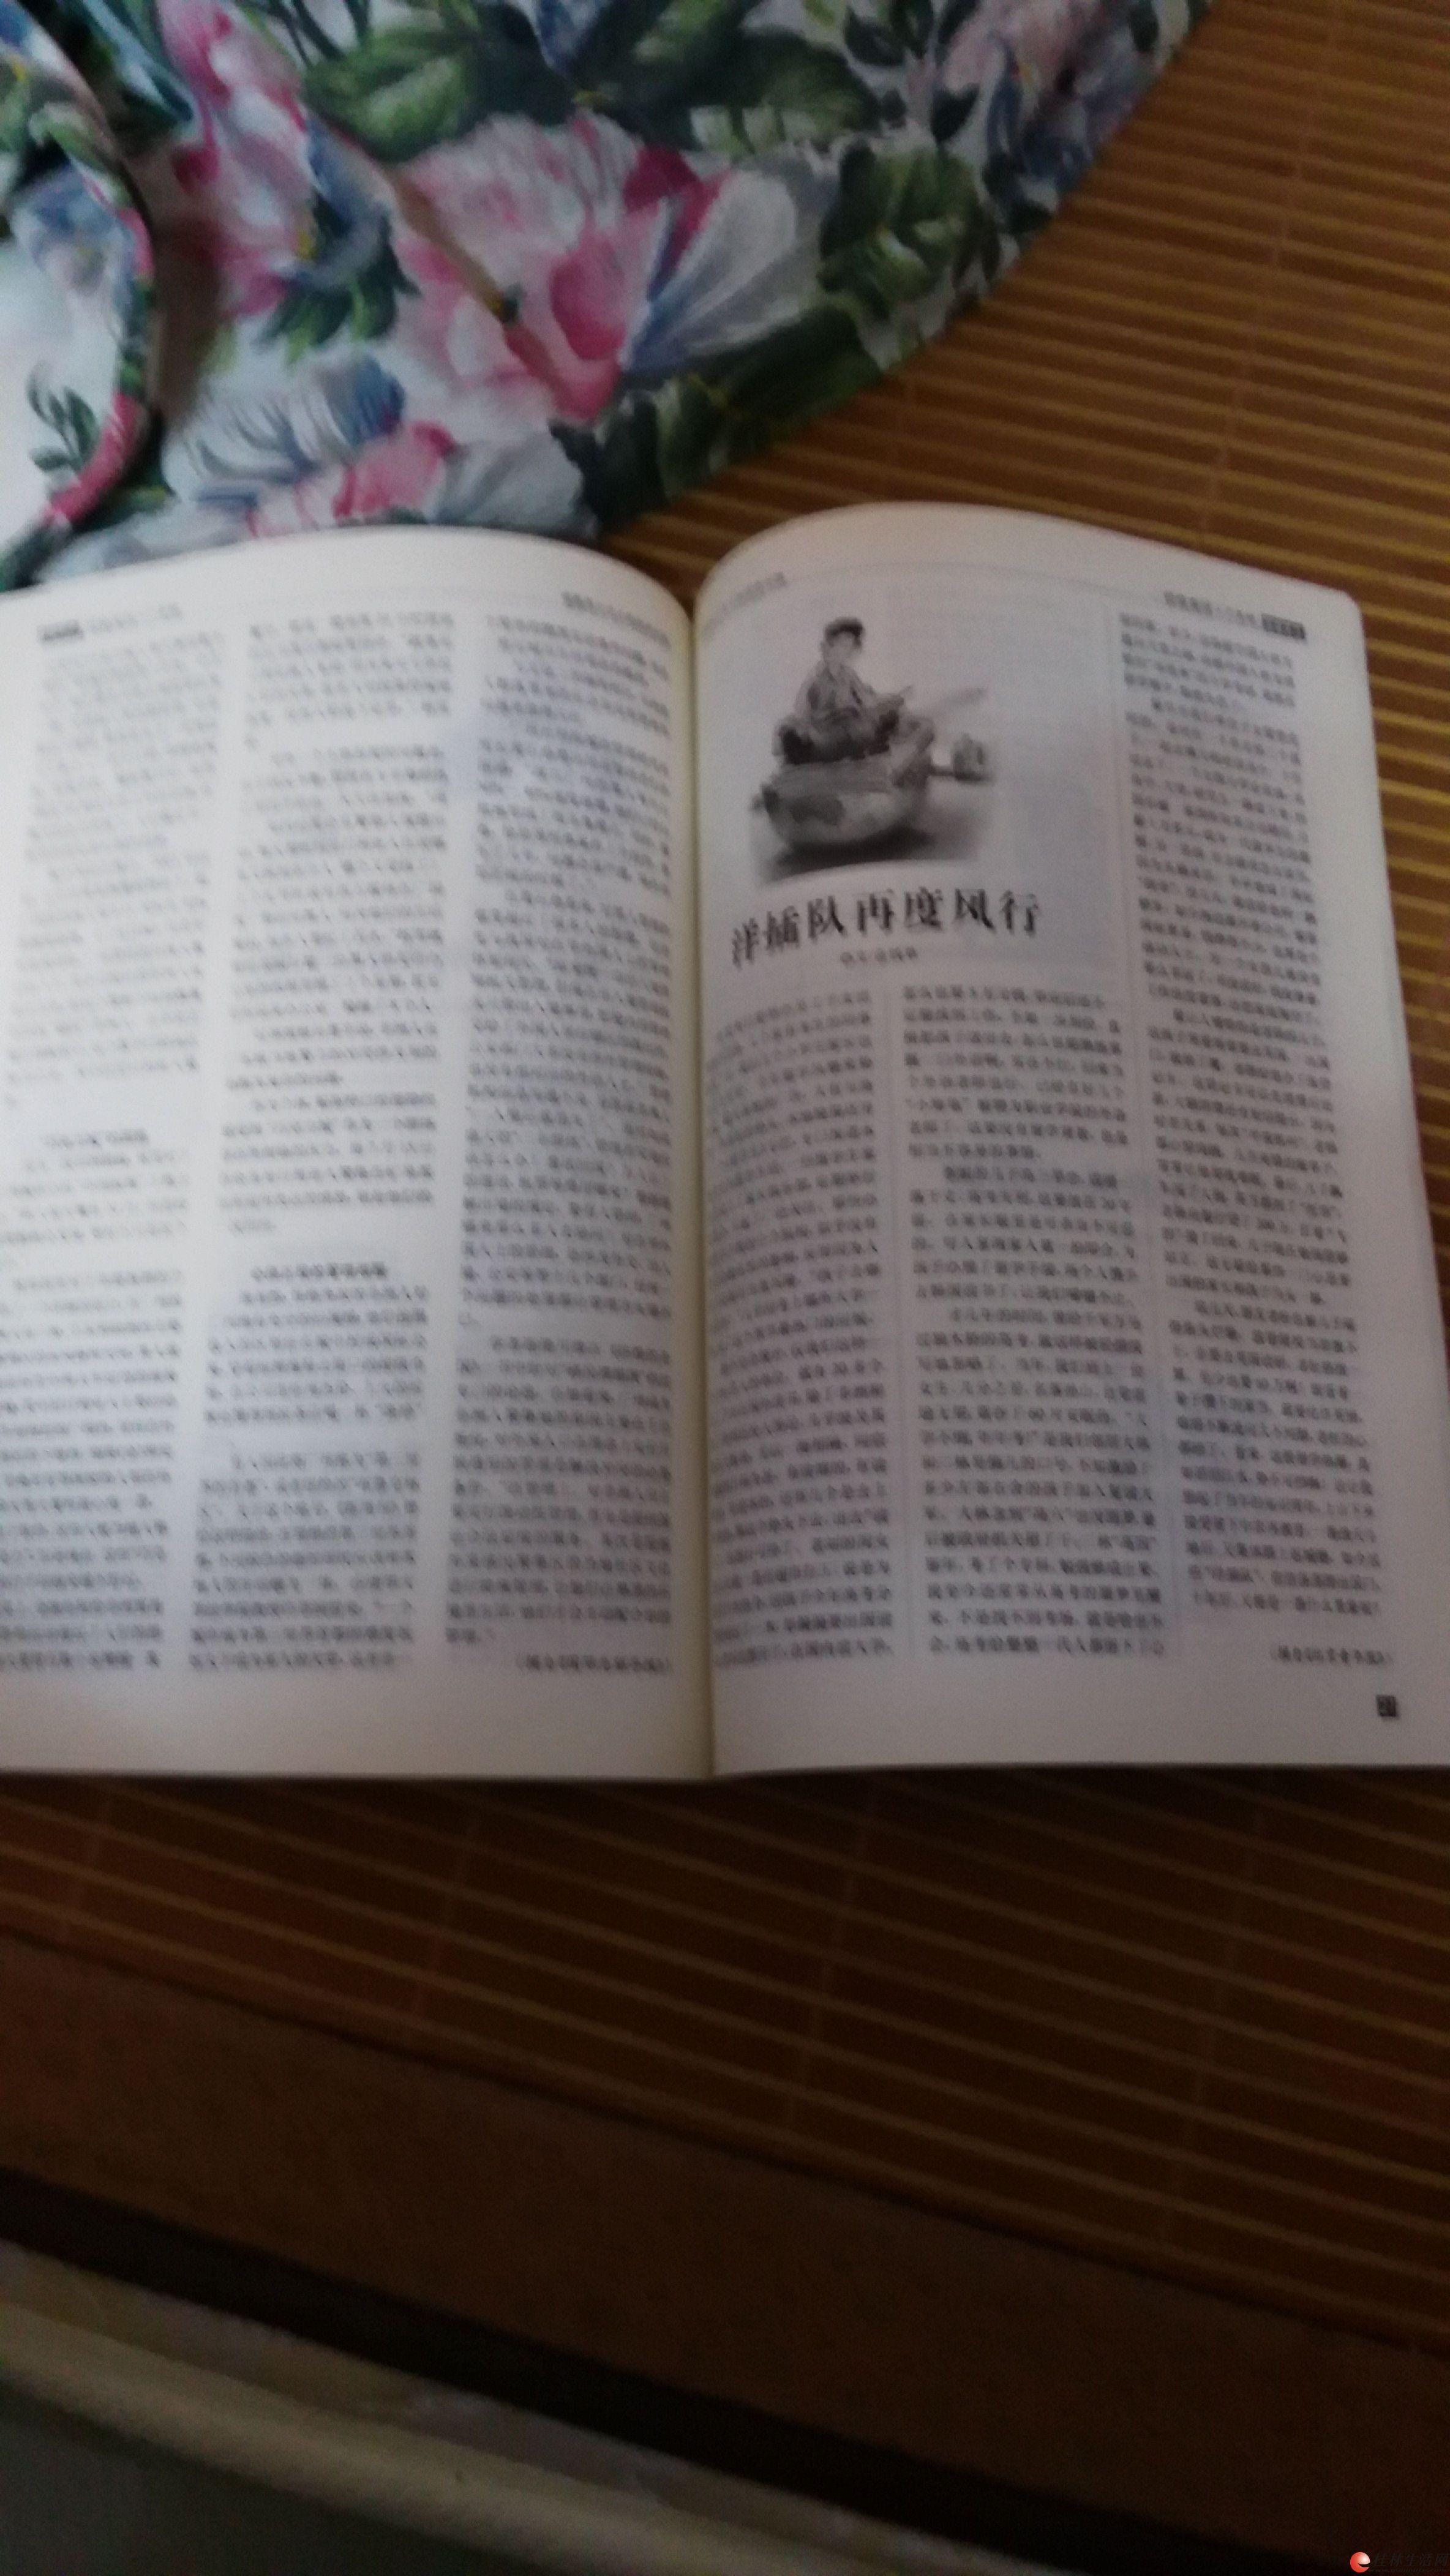 出本過期雜誌《非常關注》,電話微信同號13367831104